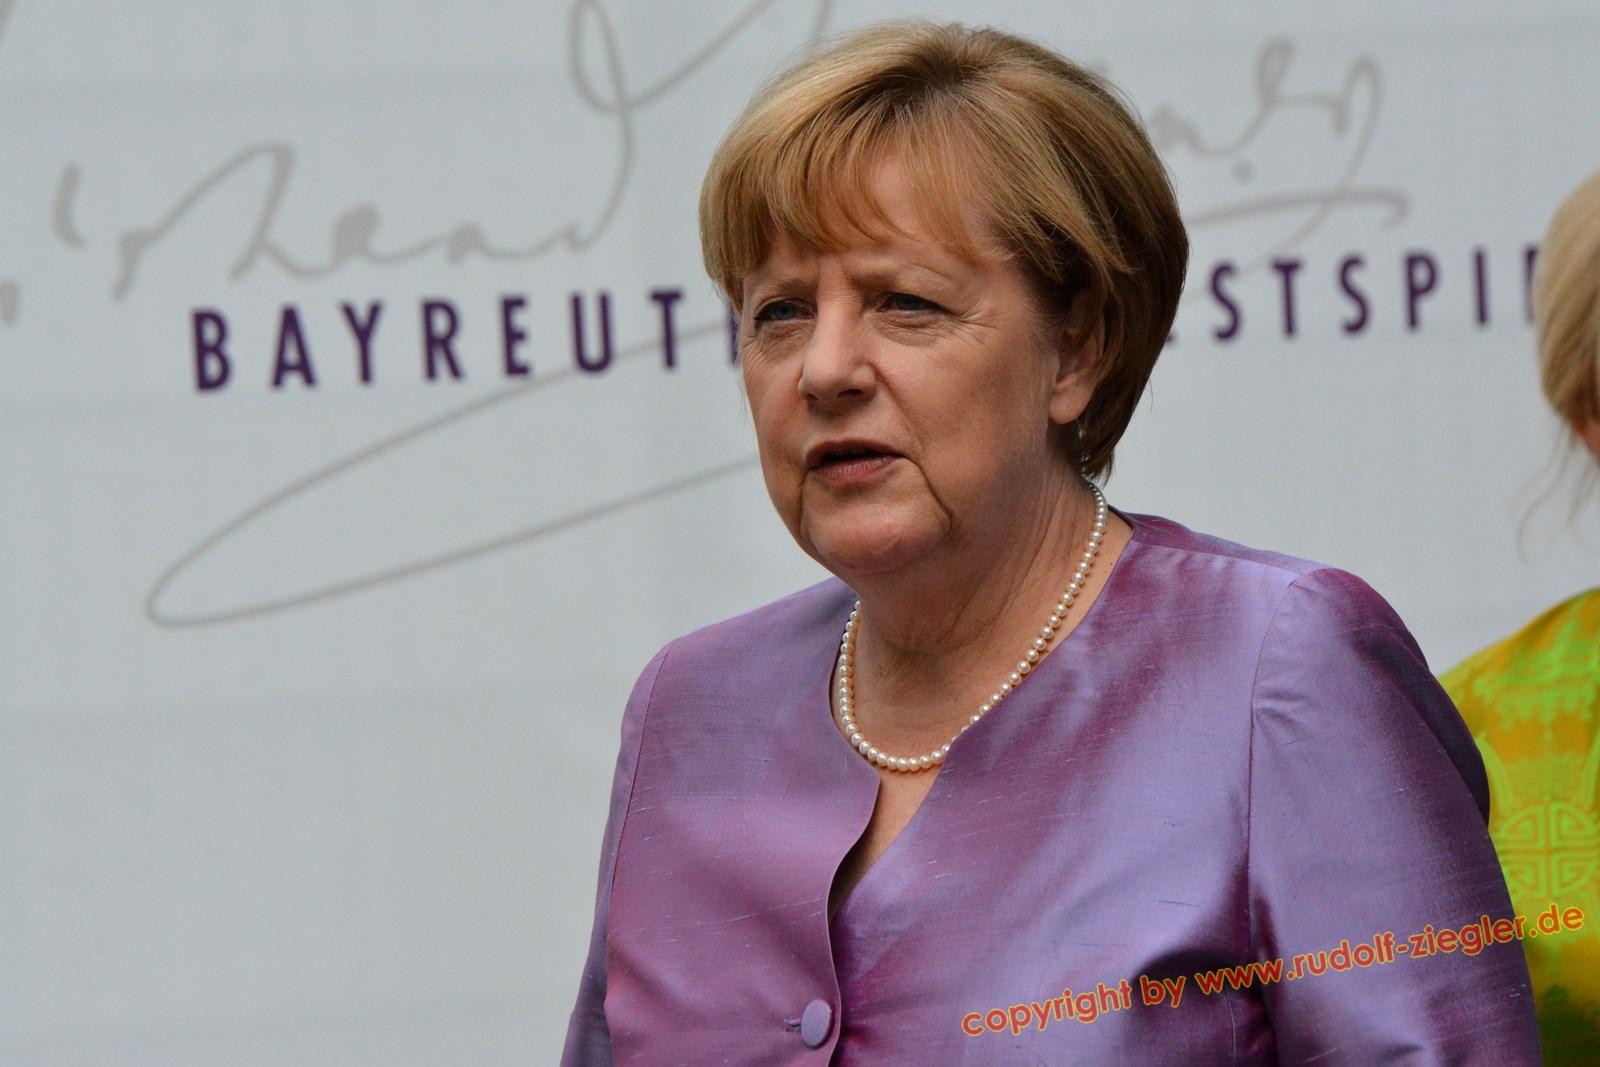 Merkel in Bayreuth 034-A (1600x1200)